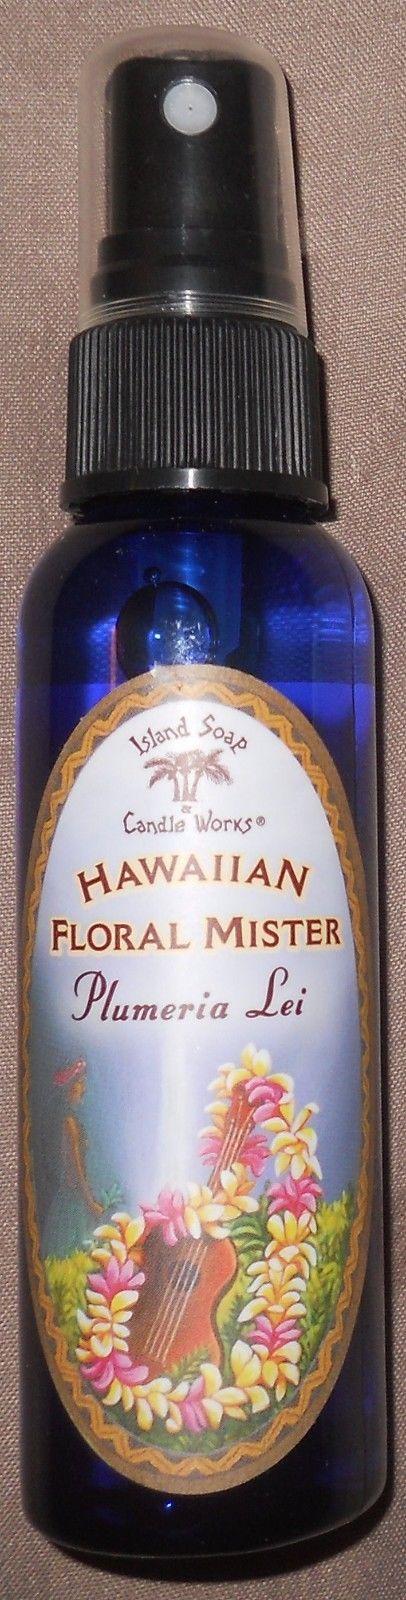 Hawaiian Floral Mister. fragrance